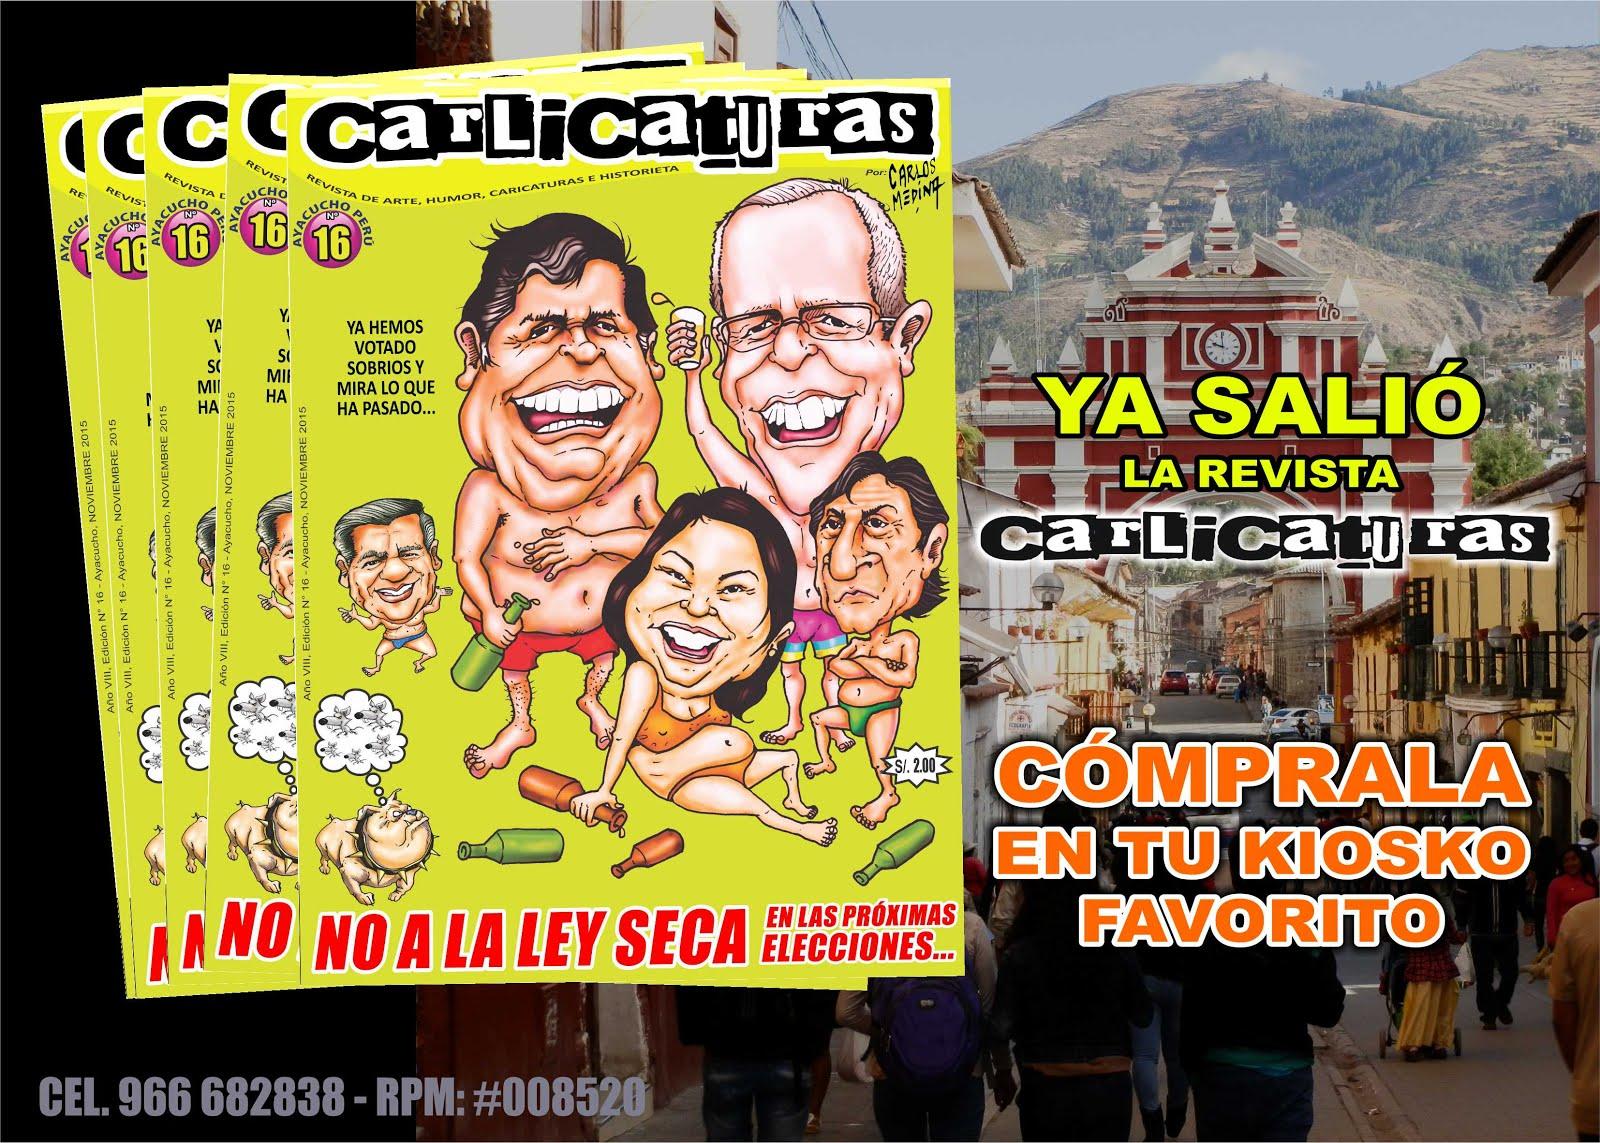 YA SALIÓ LA REVISTA CARLICATURAS N° 16, CÓMPRALA ANTES QUE LA CENSUREN